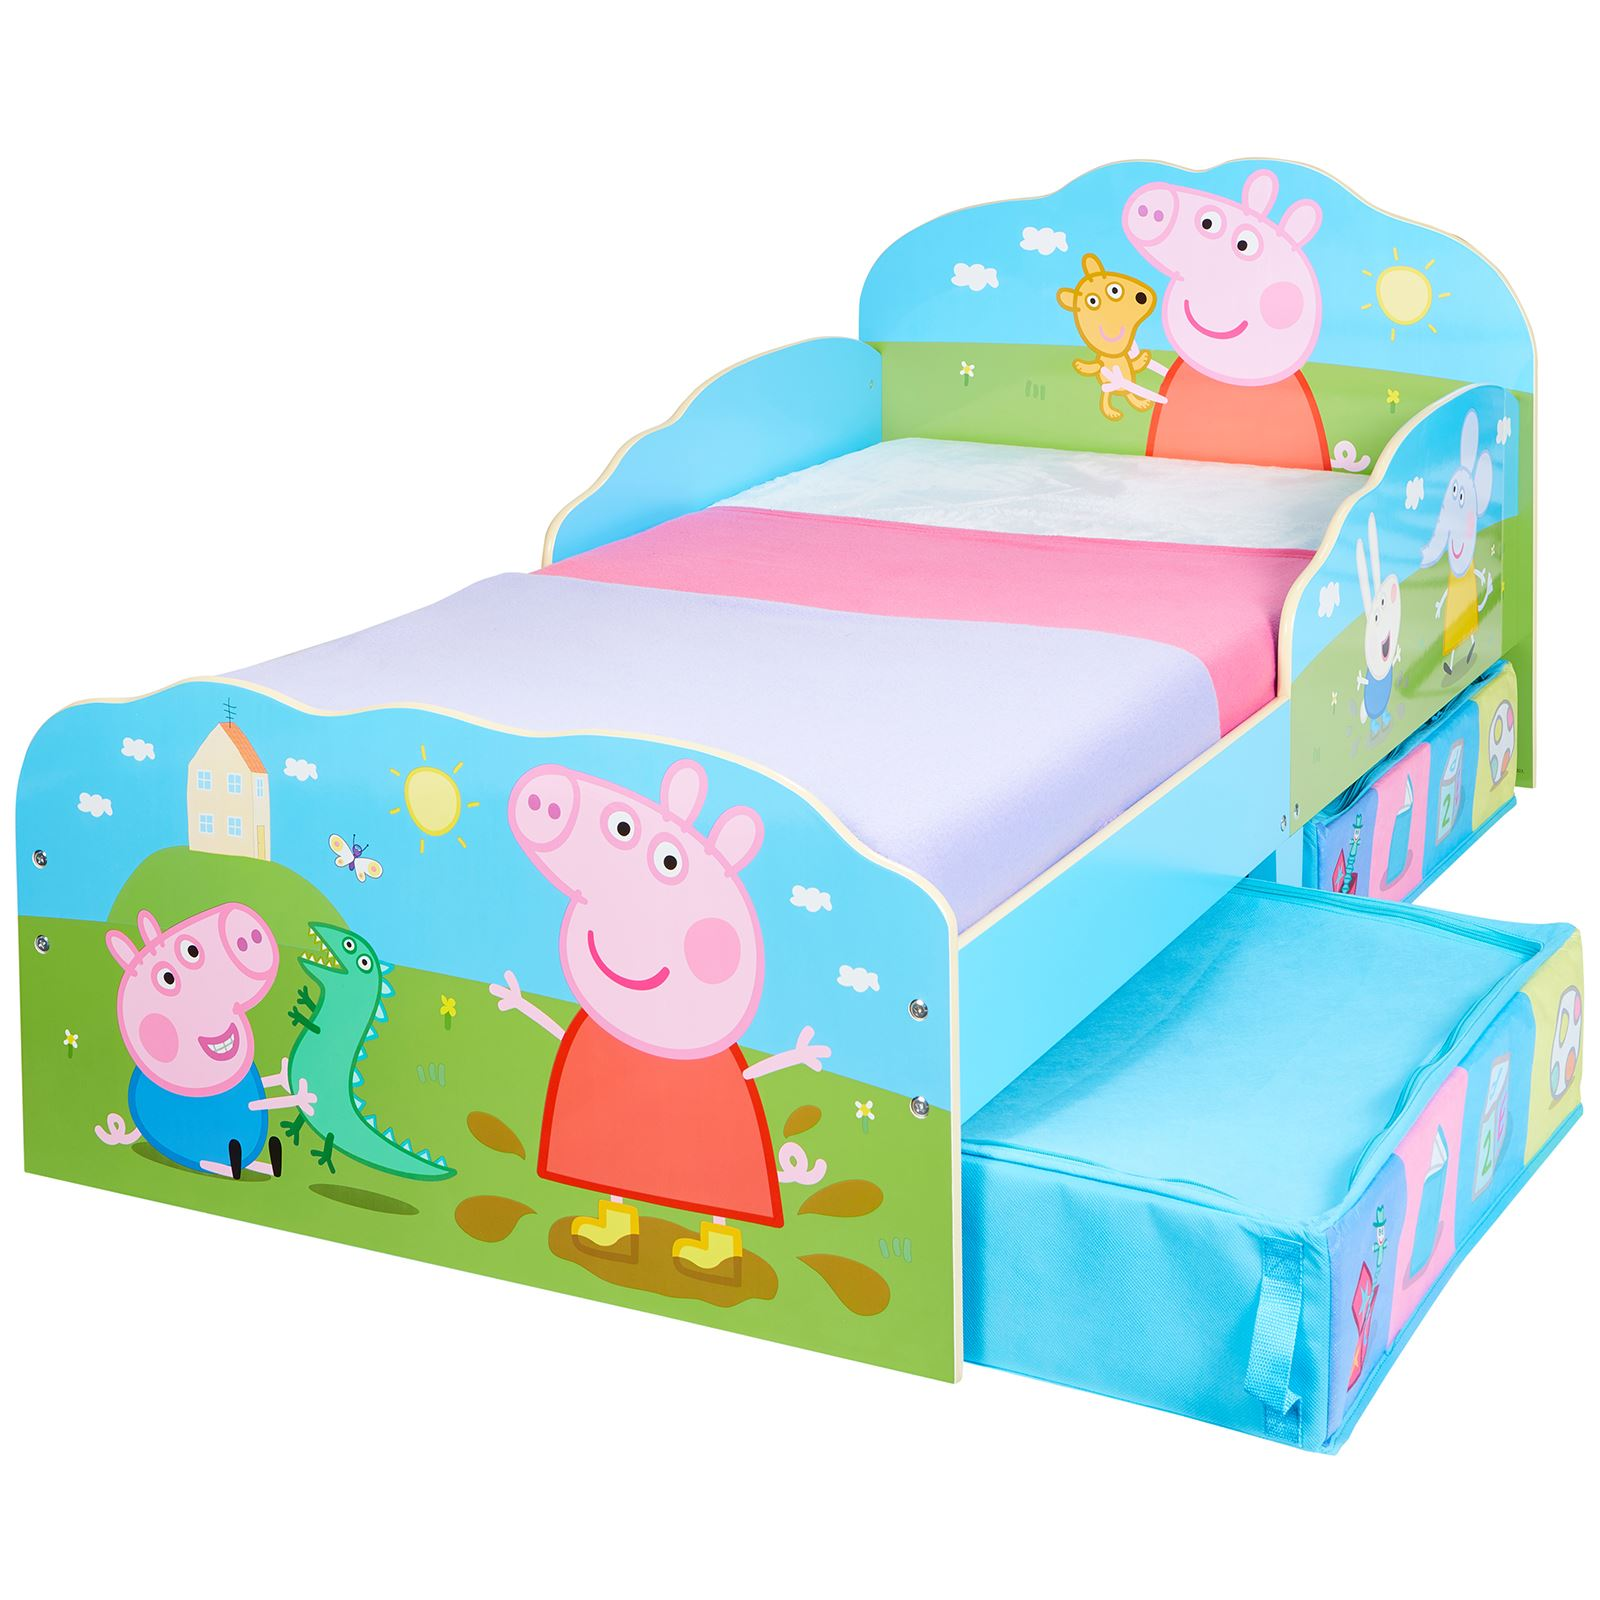 Peppa Pig Lettino Con Cassettone Materasso Opzioni Bambini Carattere Camera Da Letto Ebay